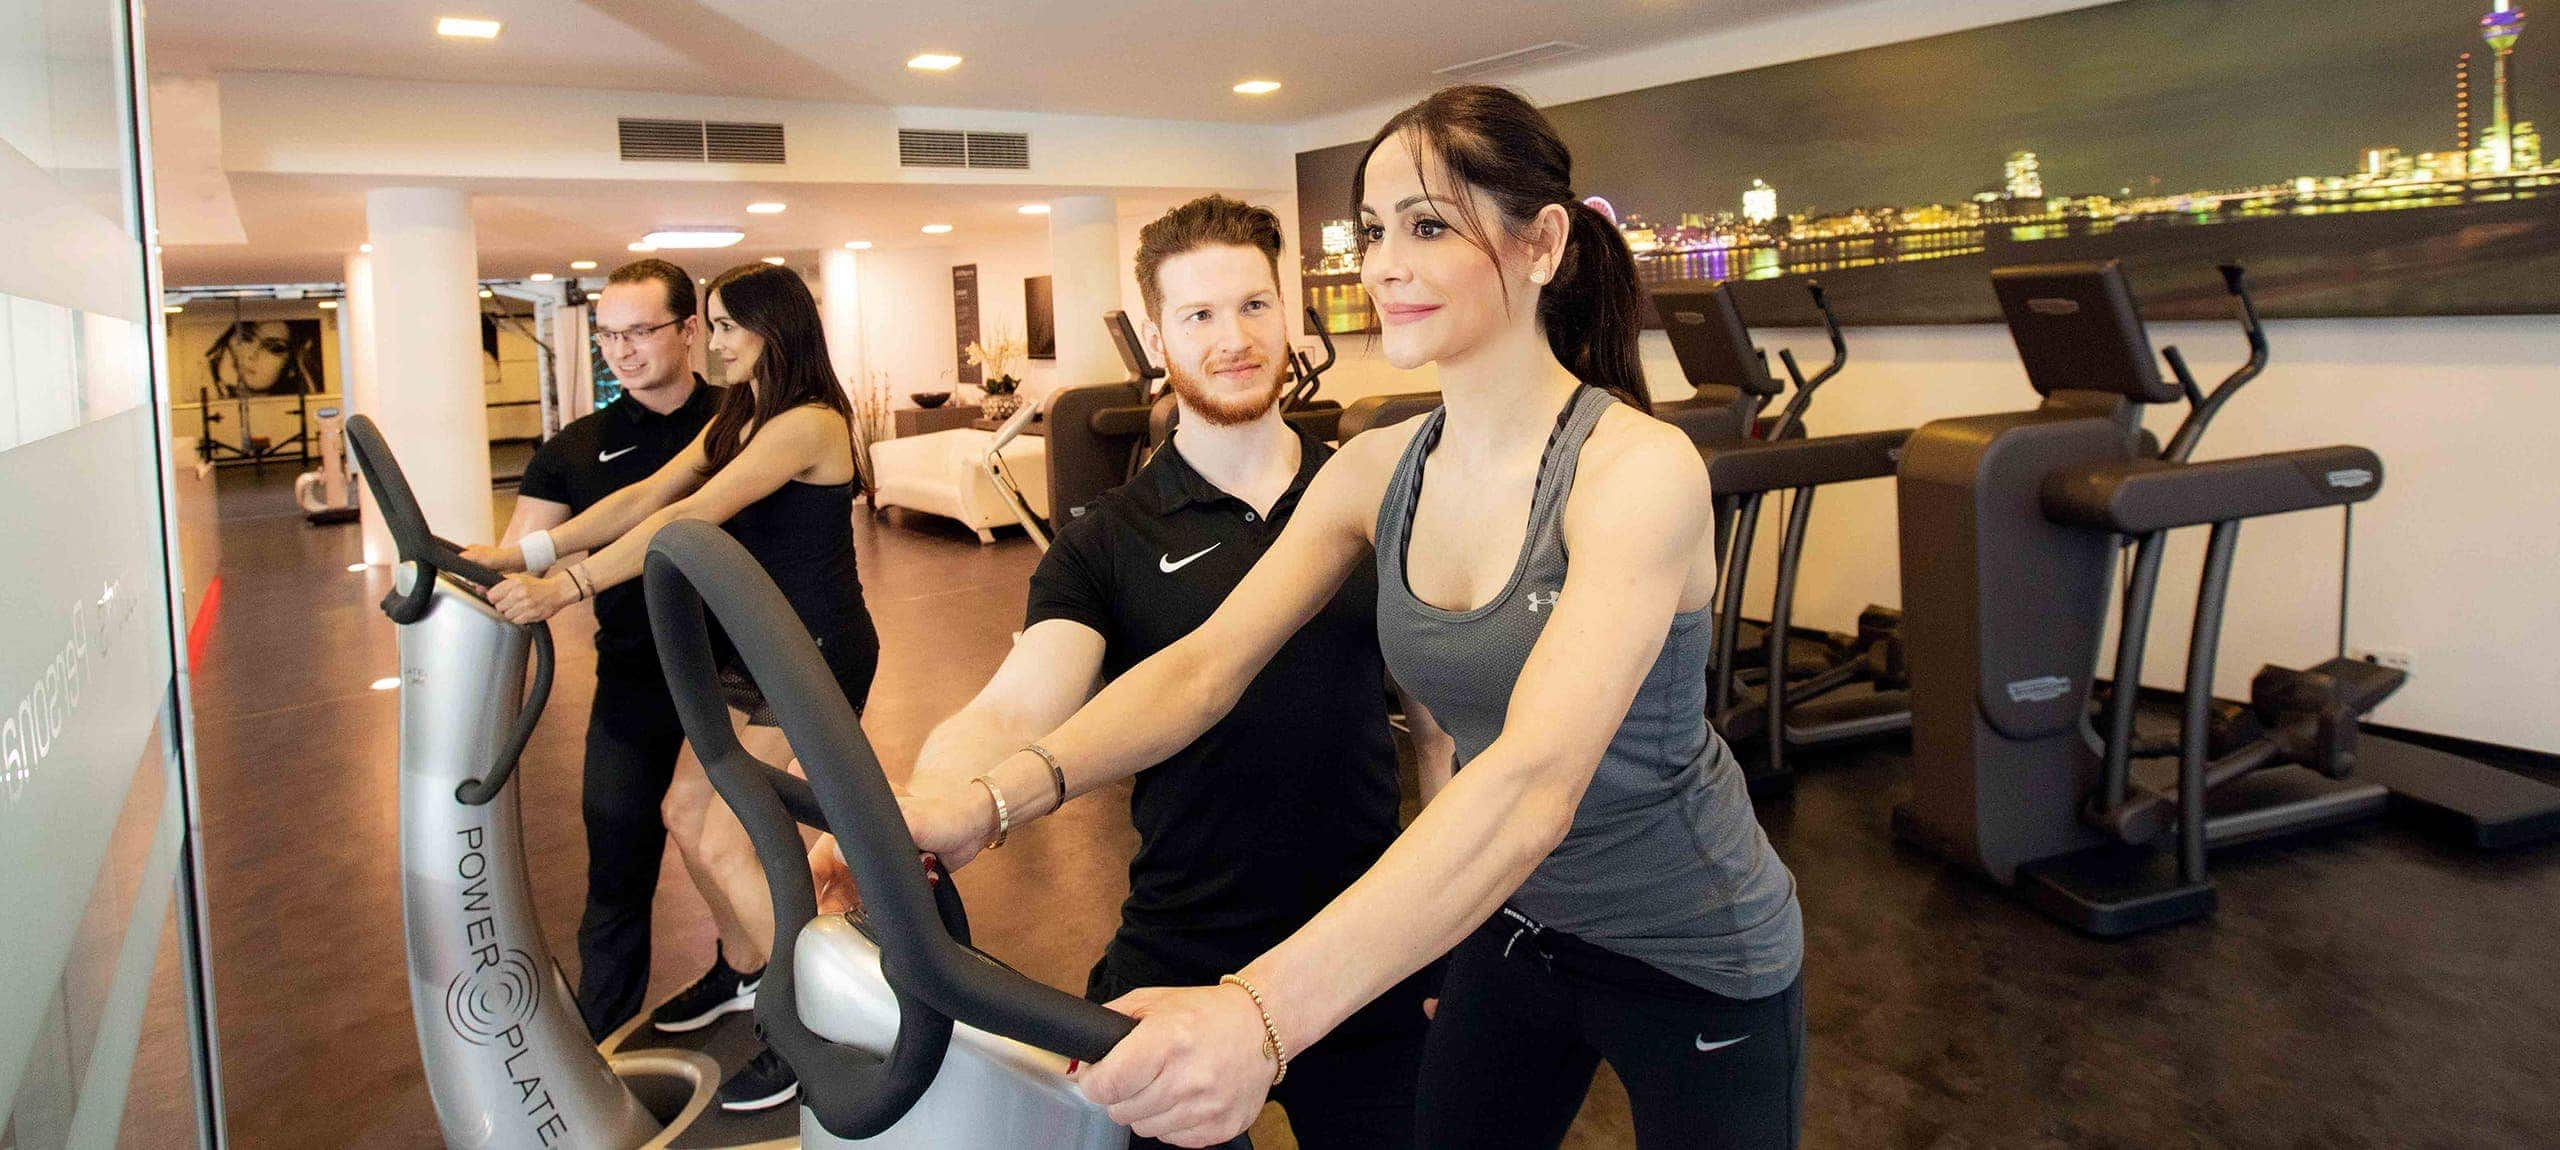 zwei junge damen trainieren im fitnesscenter jonensports